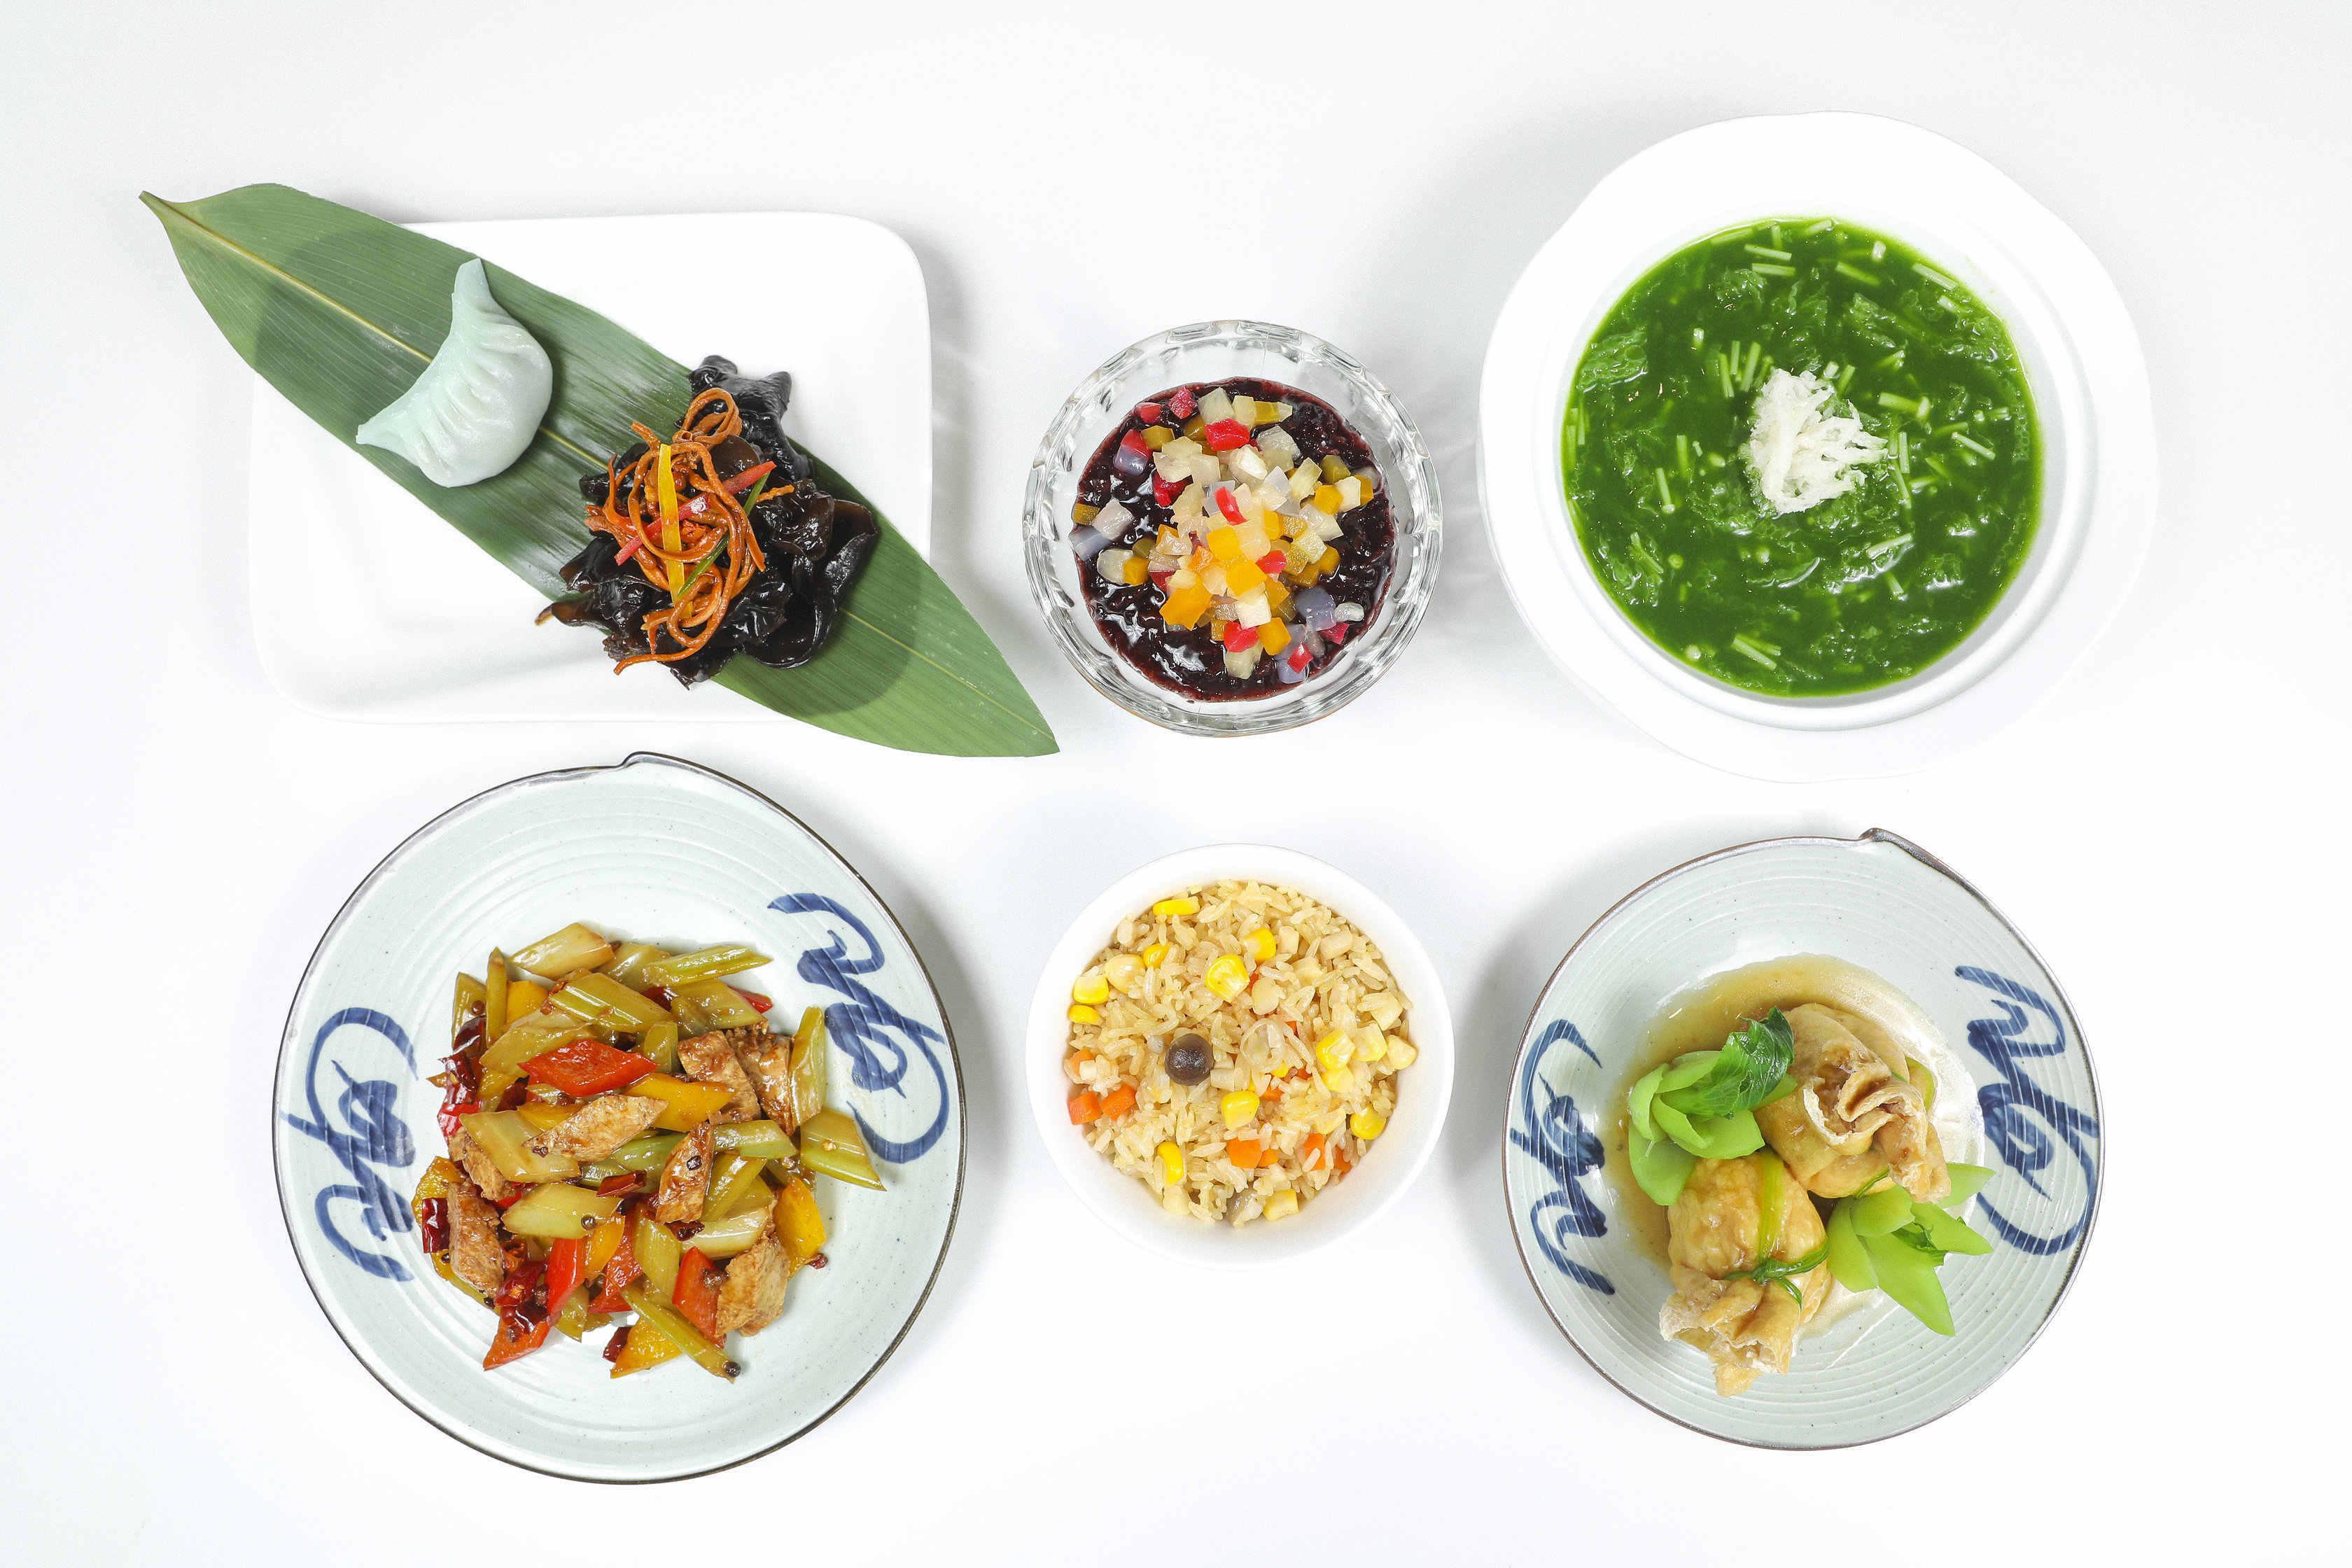 HITA Chay món chay ngon set menu